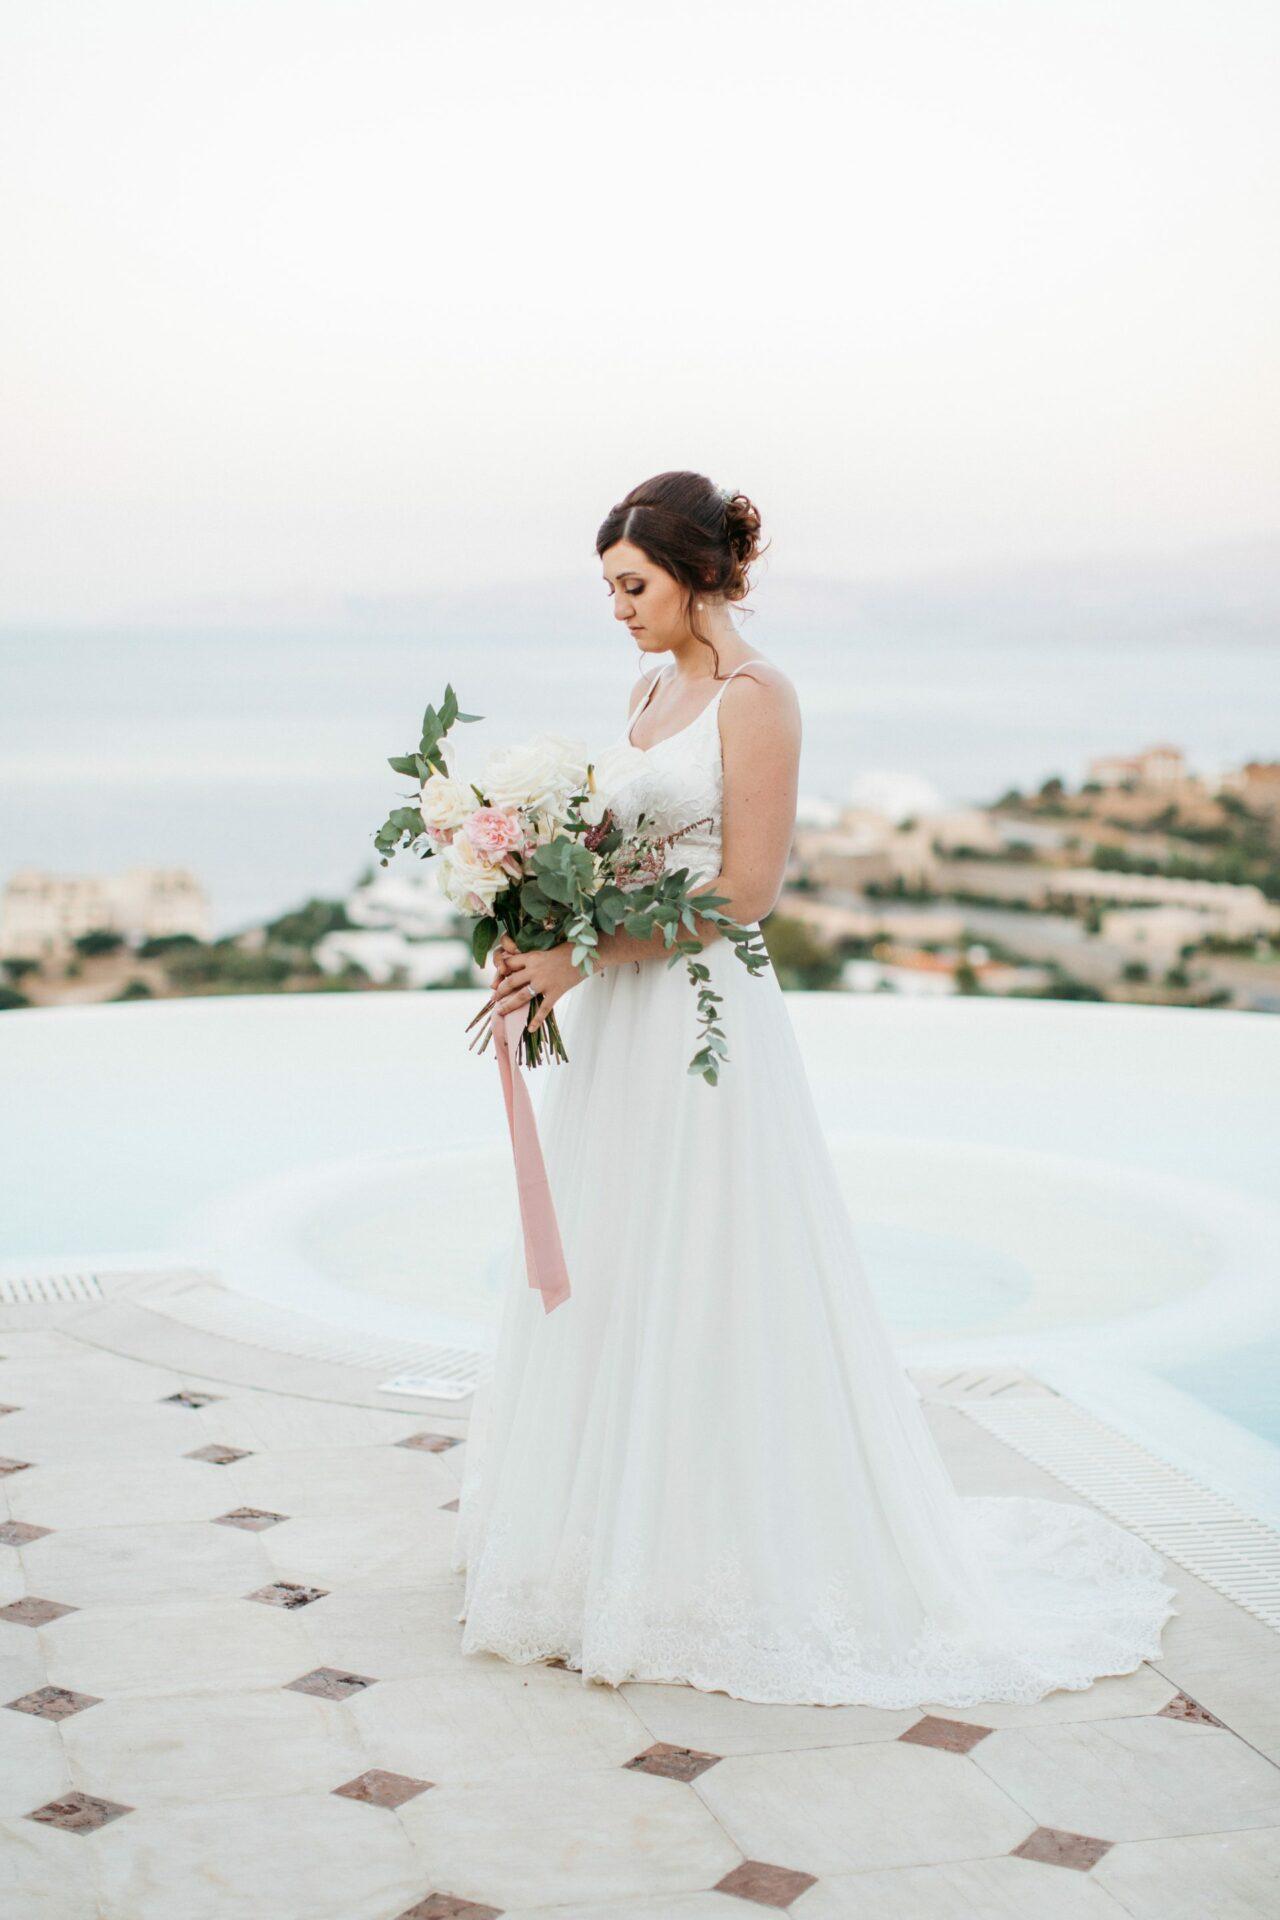 LF 0051 - Destination Wedding : Des possibilités infinies ! - Wedding planner - Organisation de Mariage en France, au Luxembourg, en italie, en provence, à la montagne